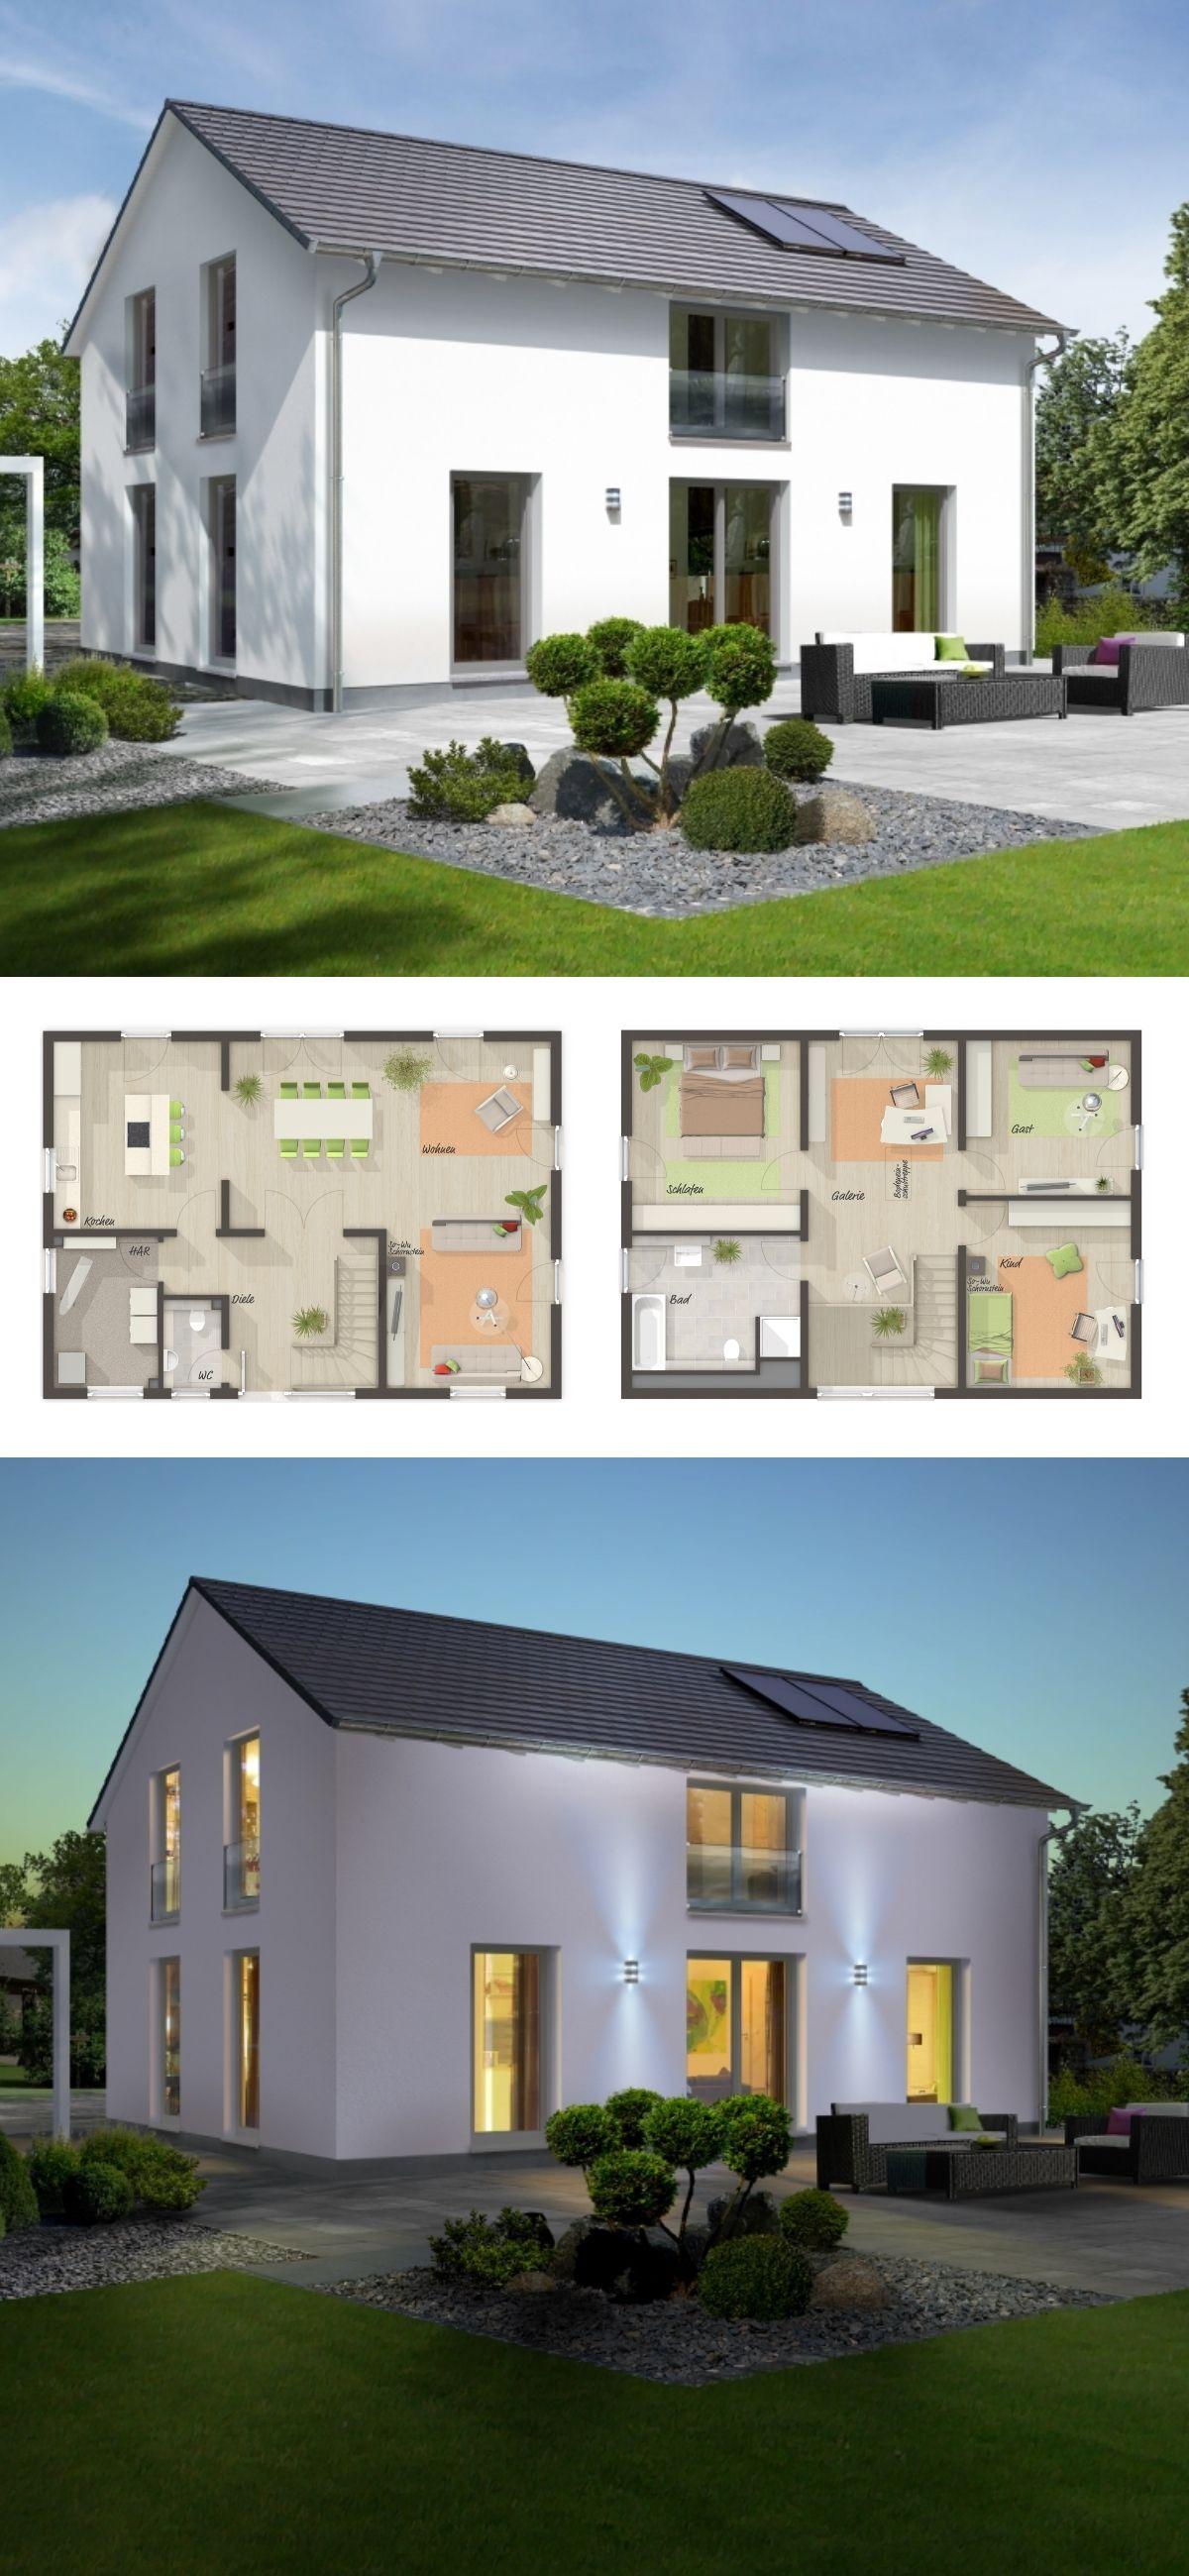 Modernes Landhaus Grundriss mit Galerie & Satteldach Architektur ...